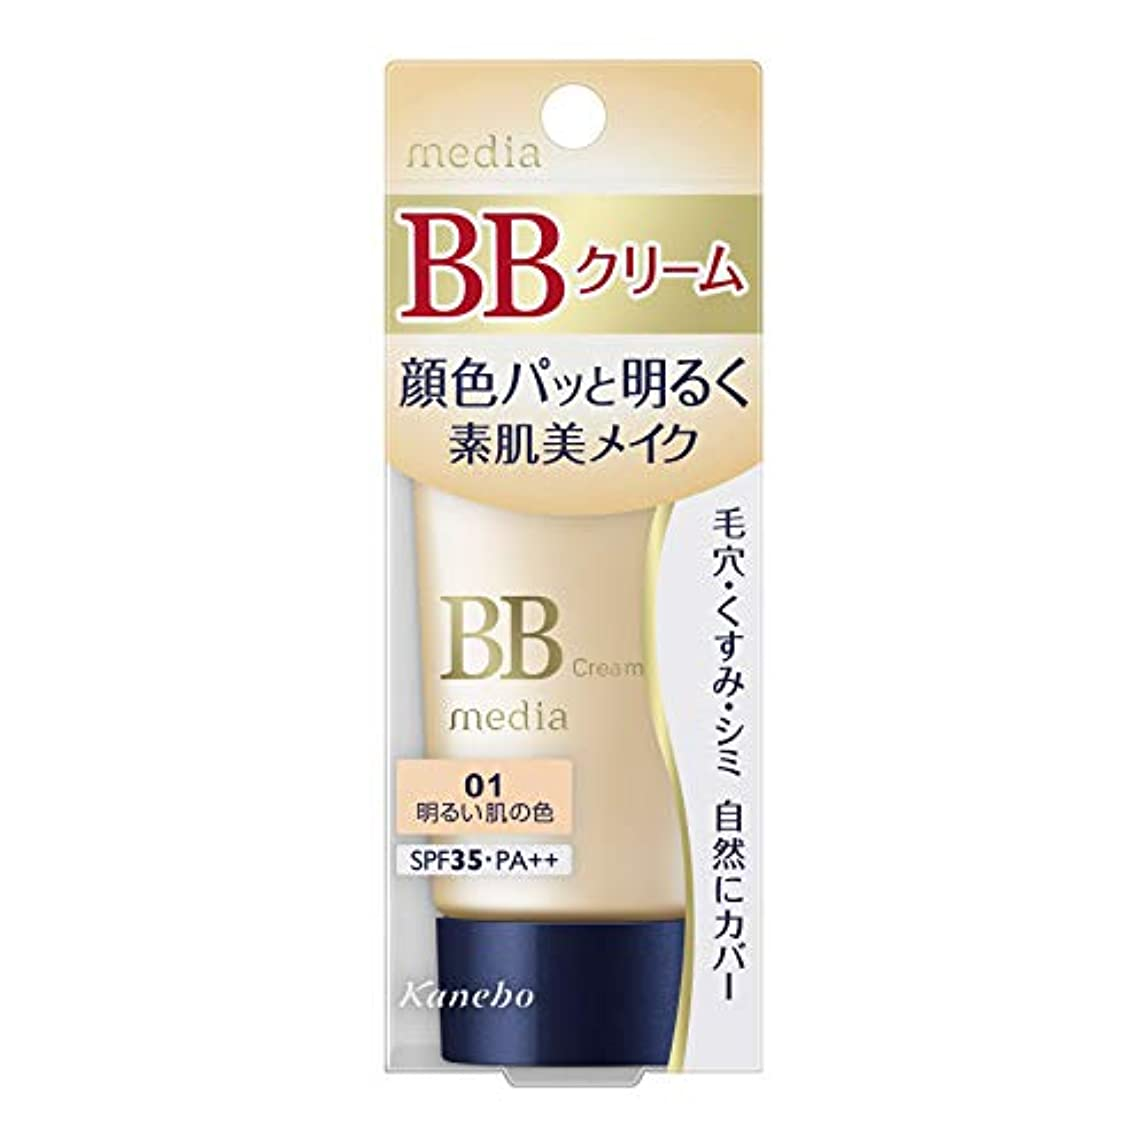 ワンダー間に合わせアカデミックカネボウ化粧品 メディア BBクリームS 01 35g